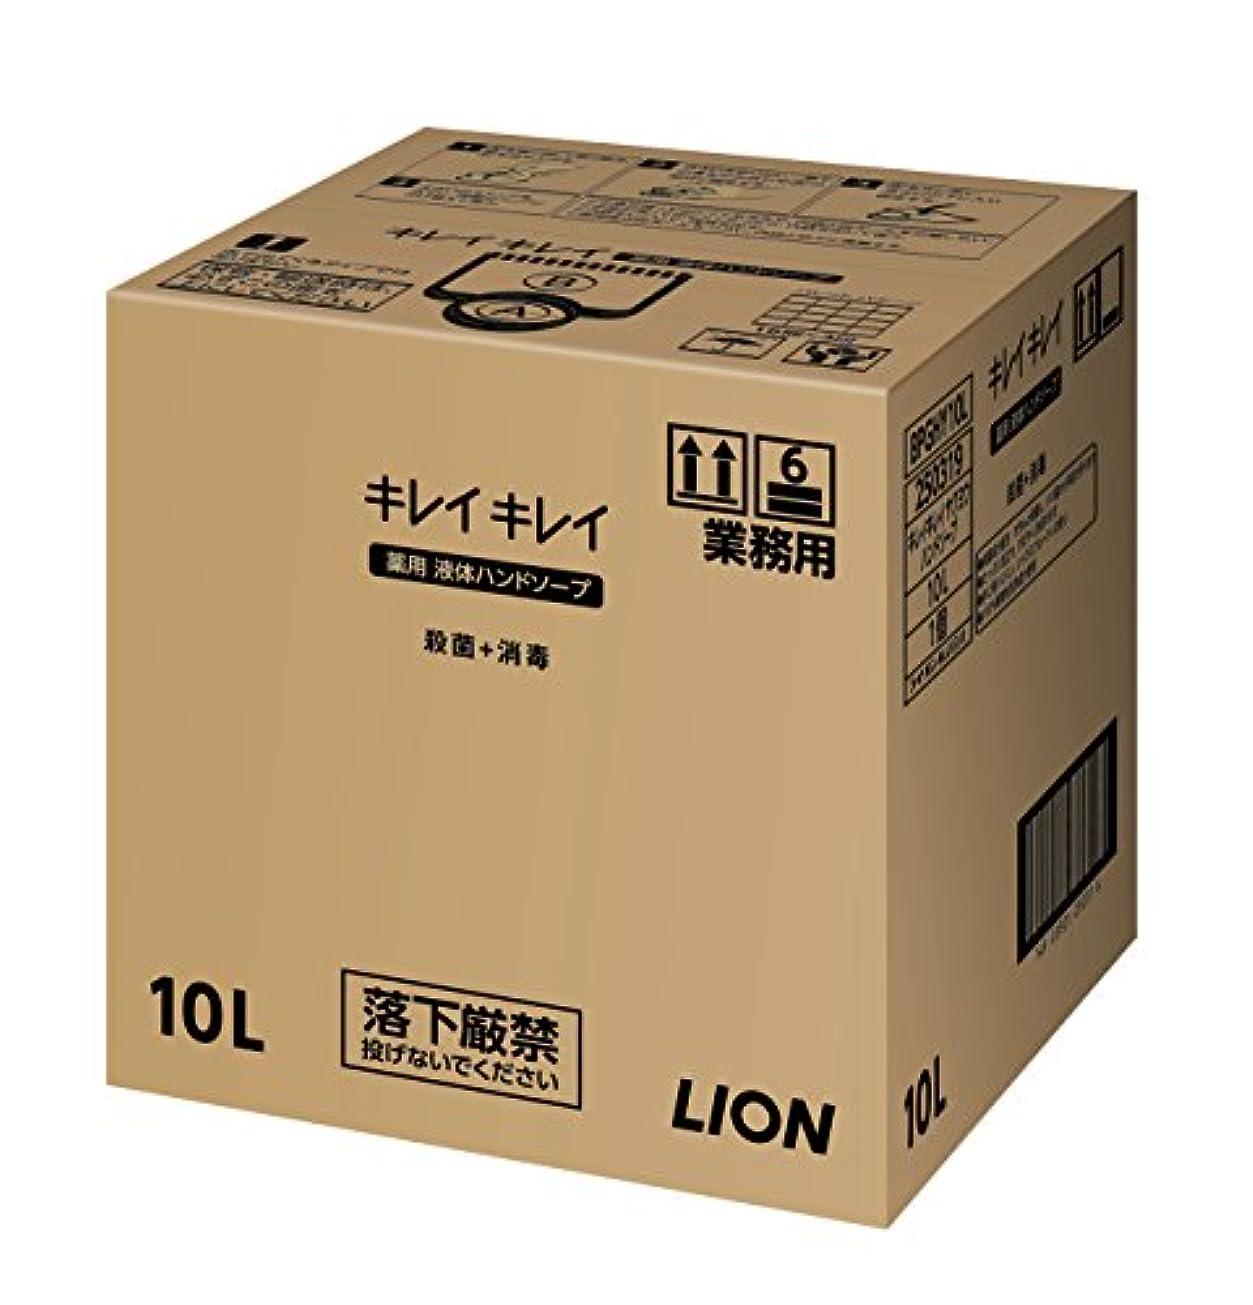 並外れたレジ公然と【大容量】キレイキレイ薬用ハンドソープ10L